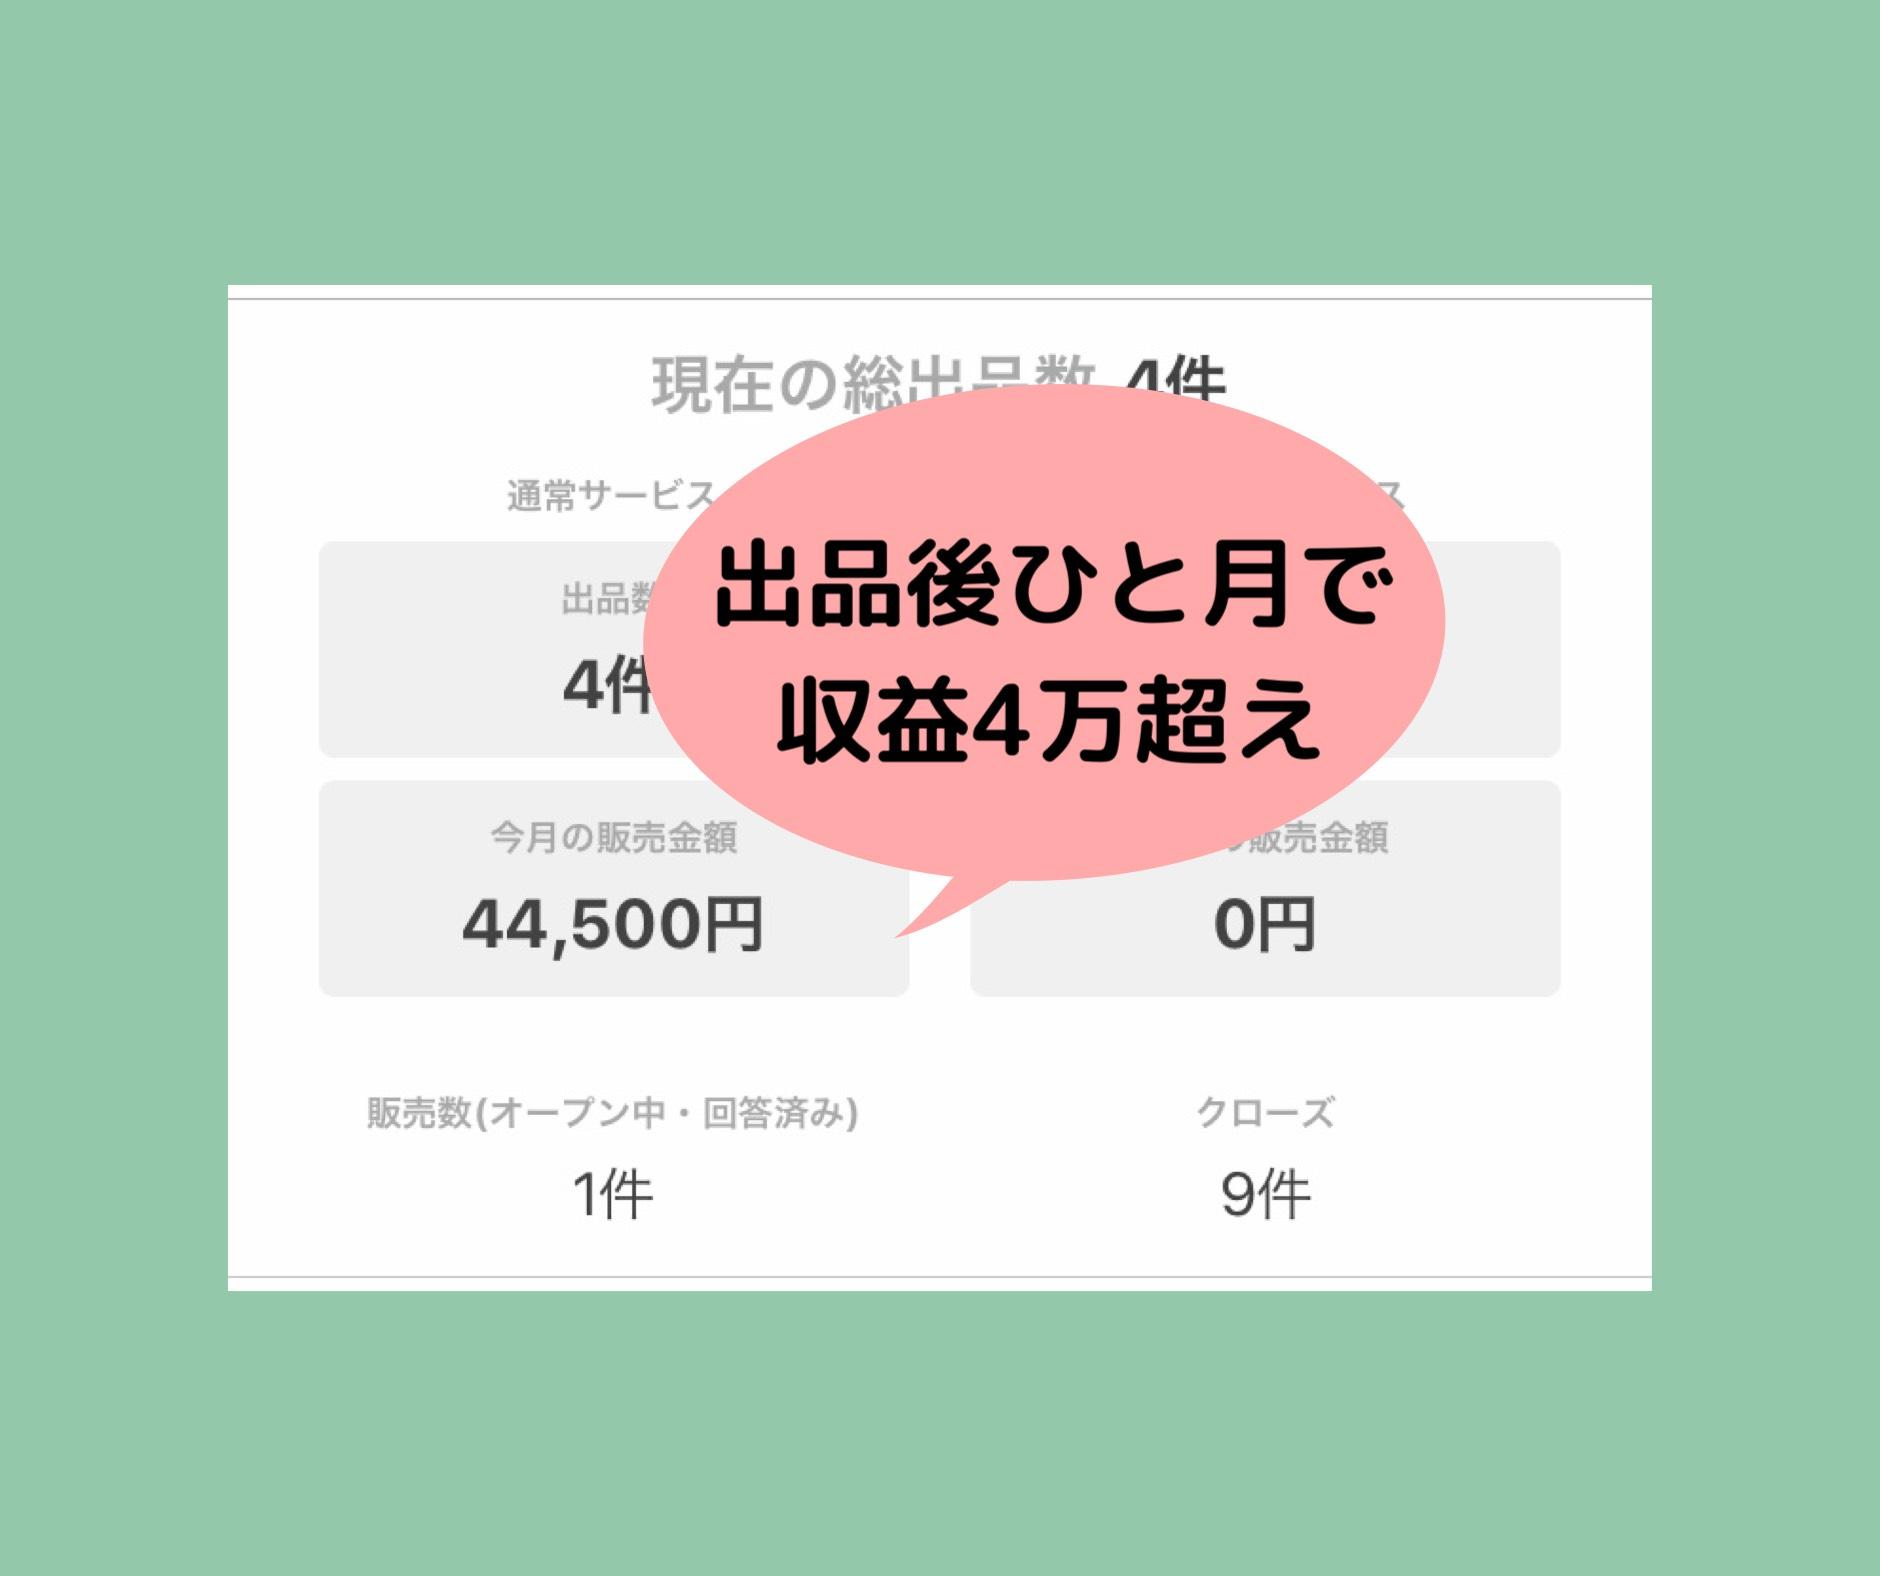 ココナラ月4万円の実績